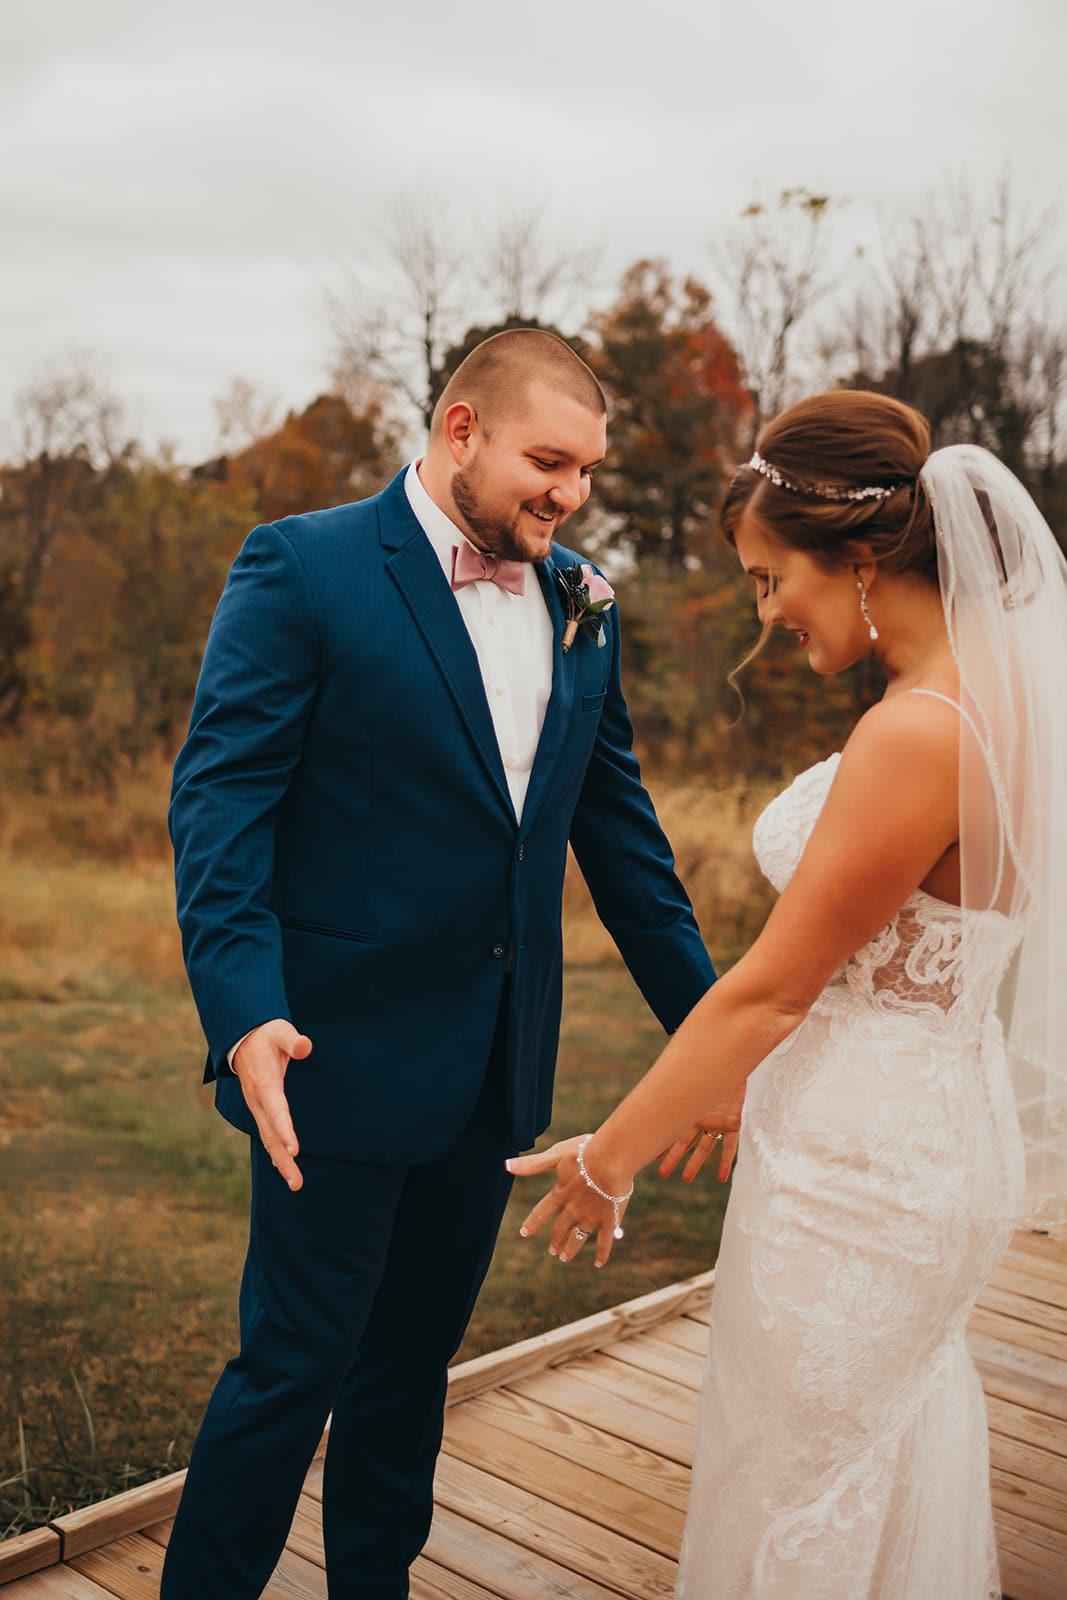 Burdoc Farms wedding first look